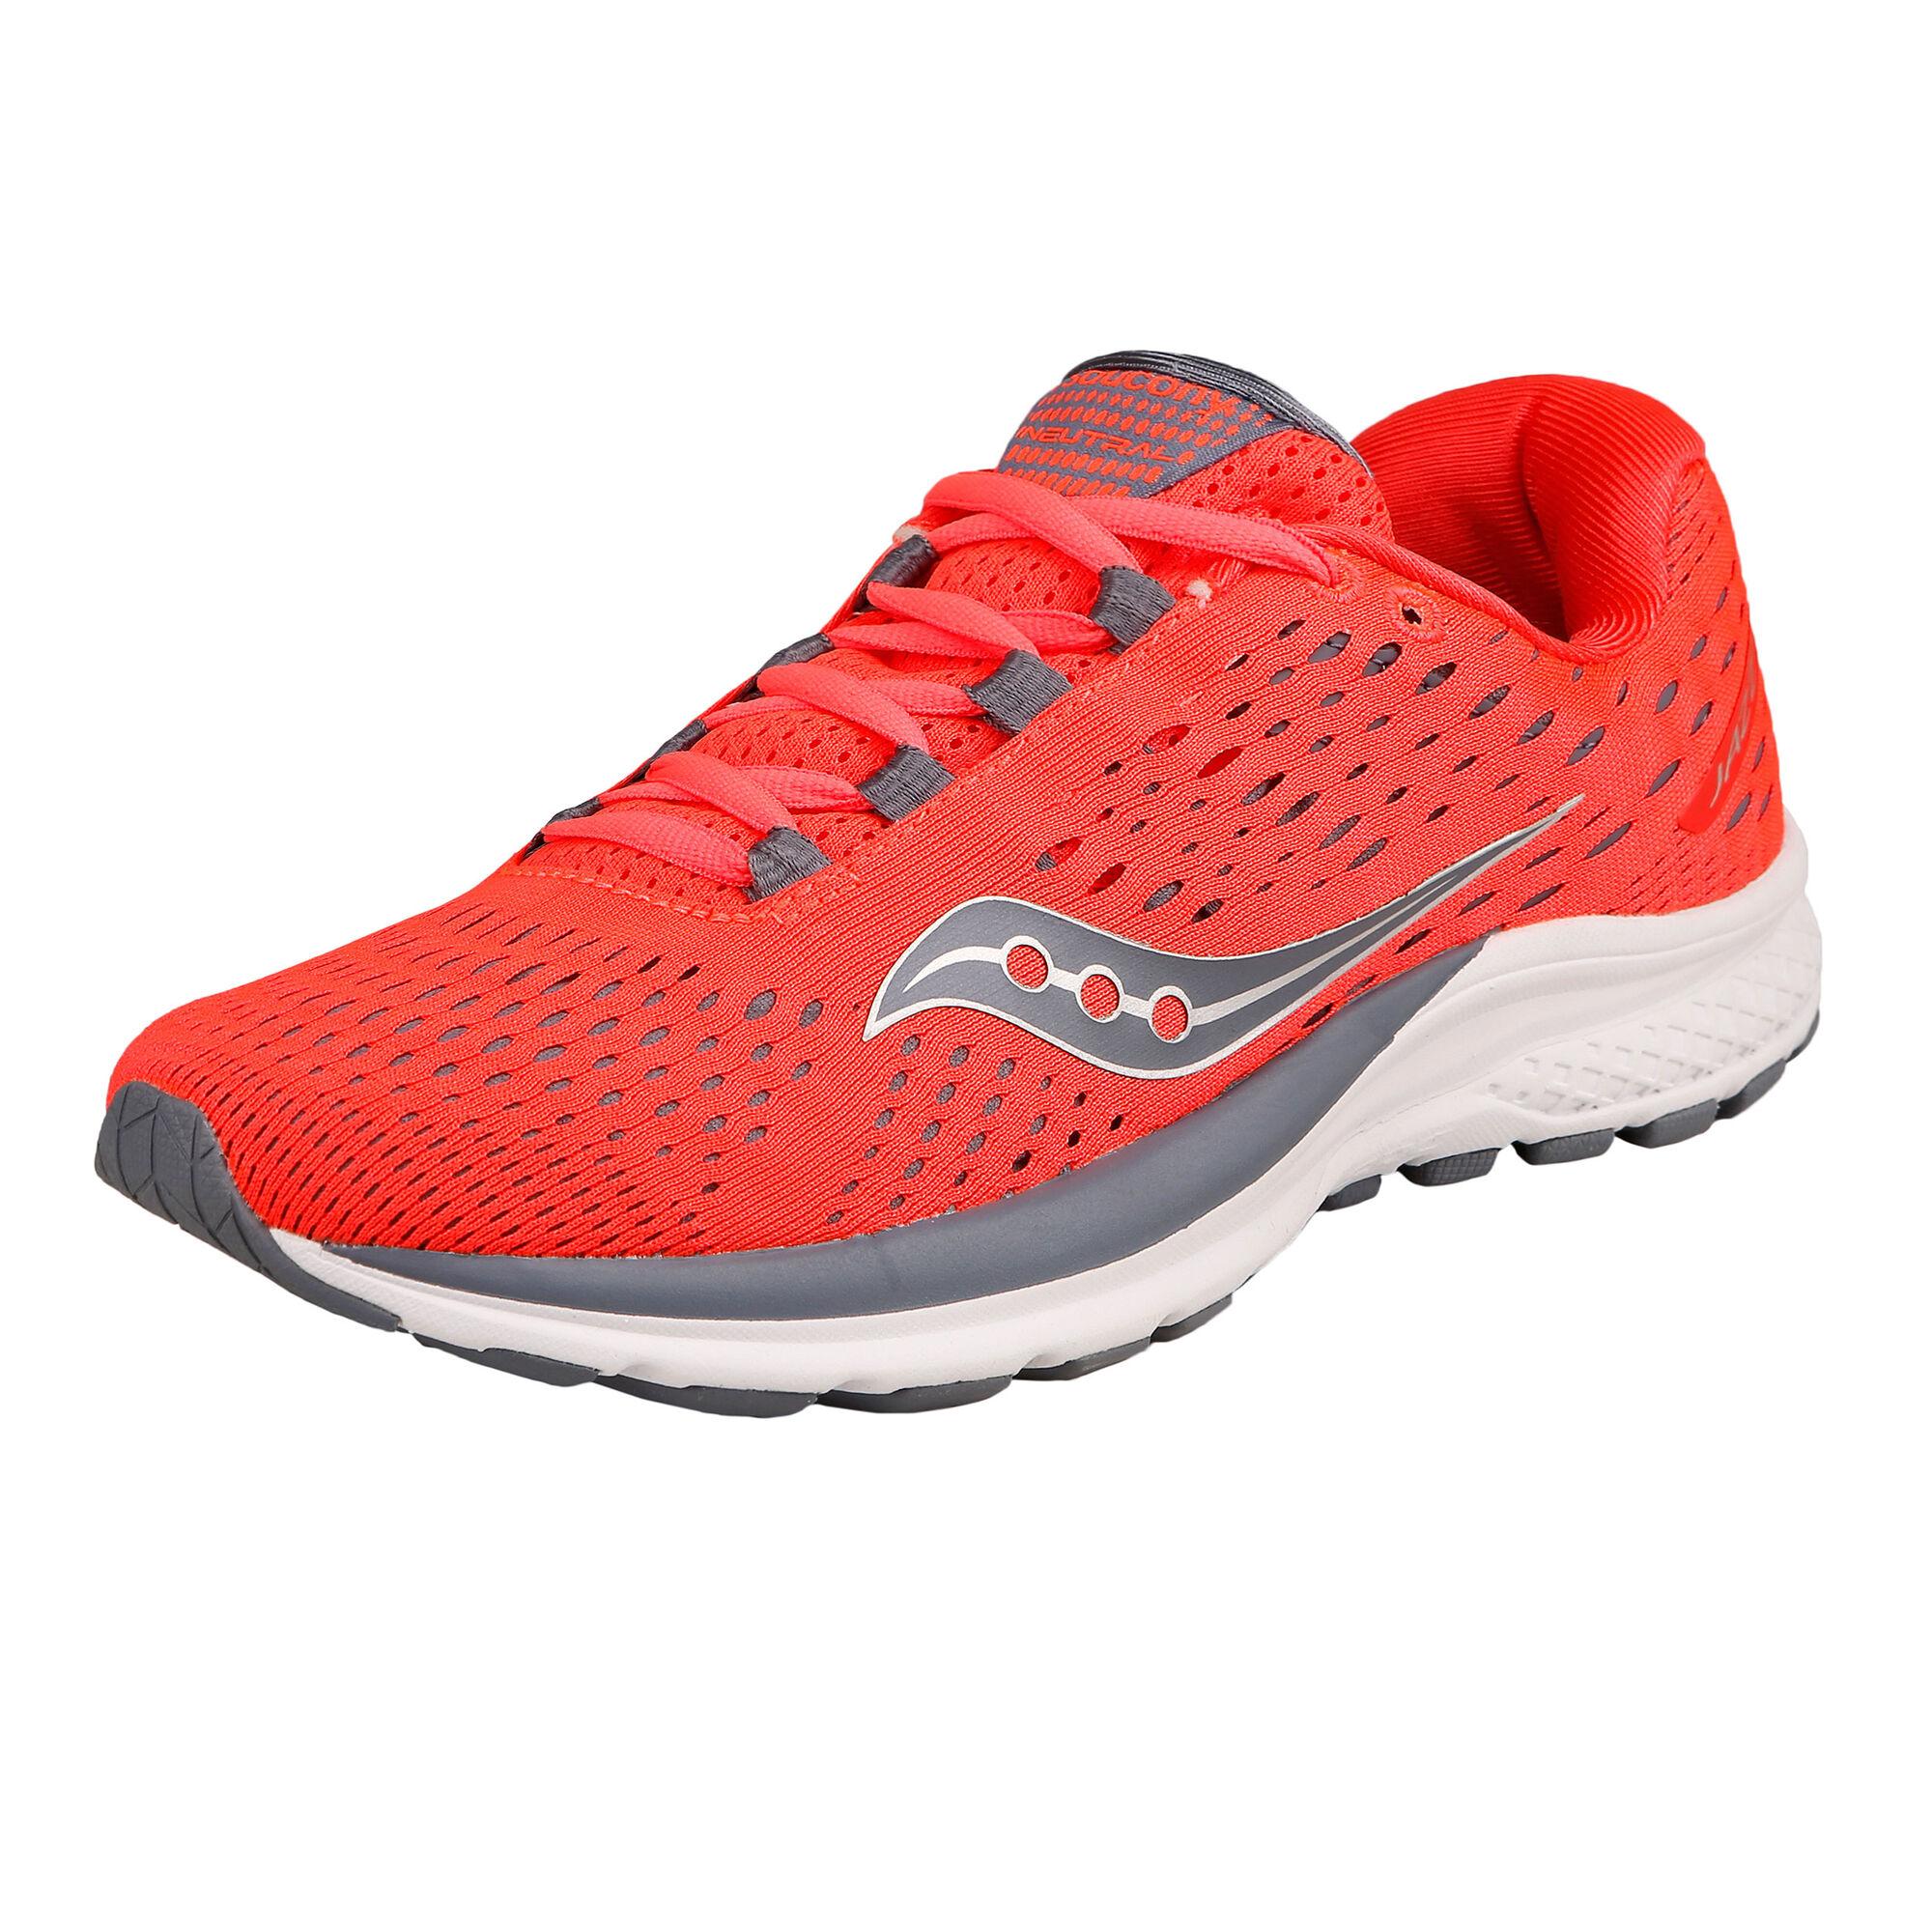 046840923d buy Saucony Jazz 20 Neutral Running Shoe Women - Orange, Grey online ...